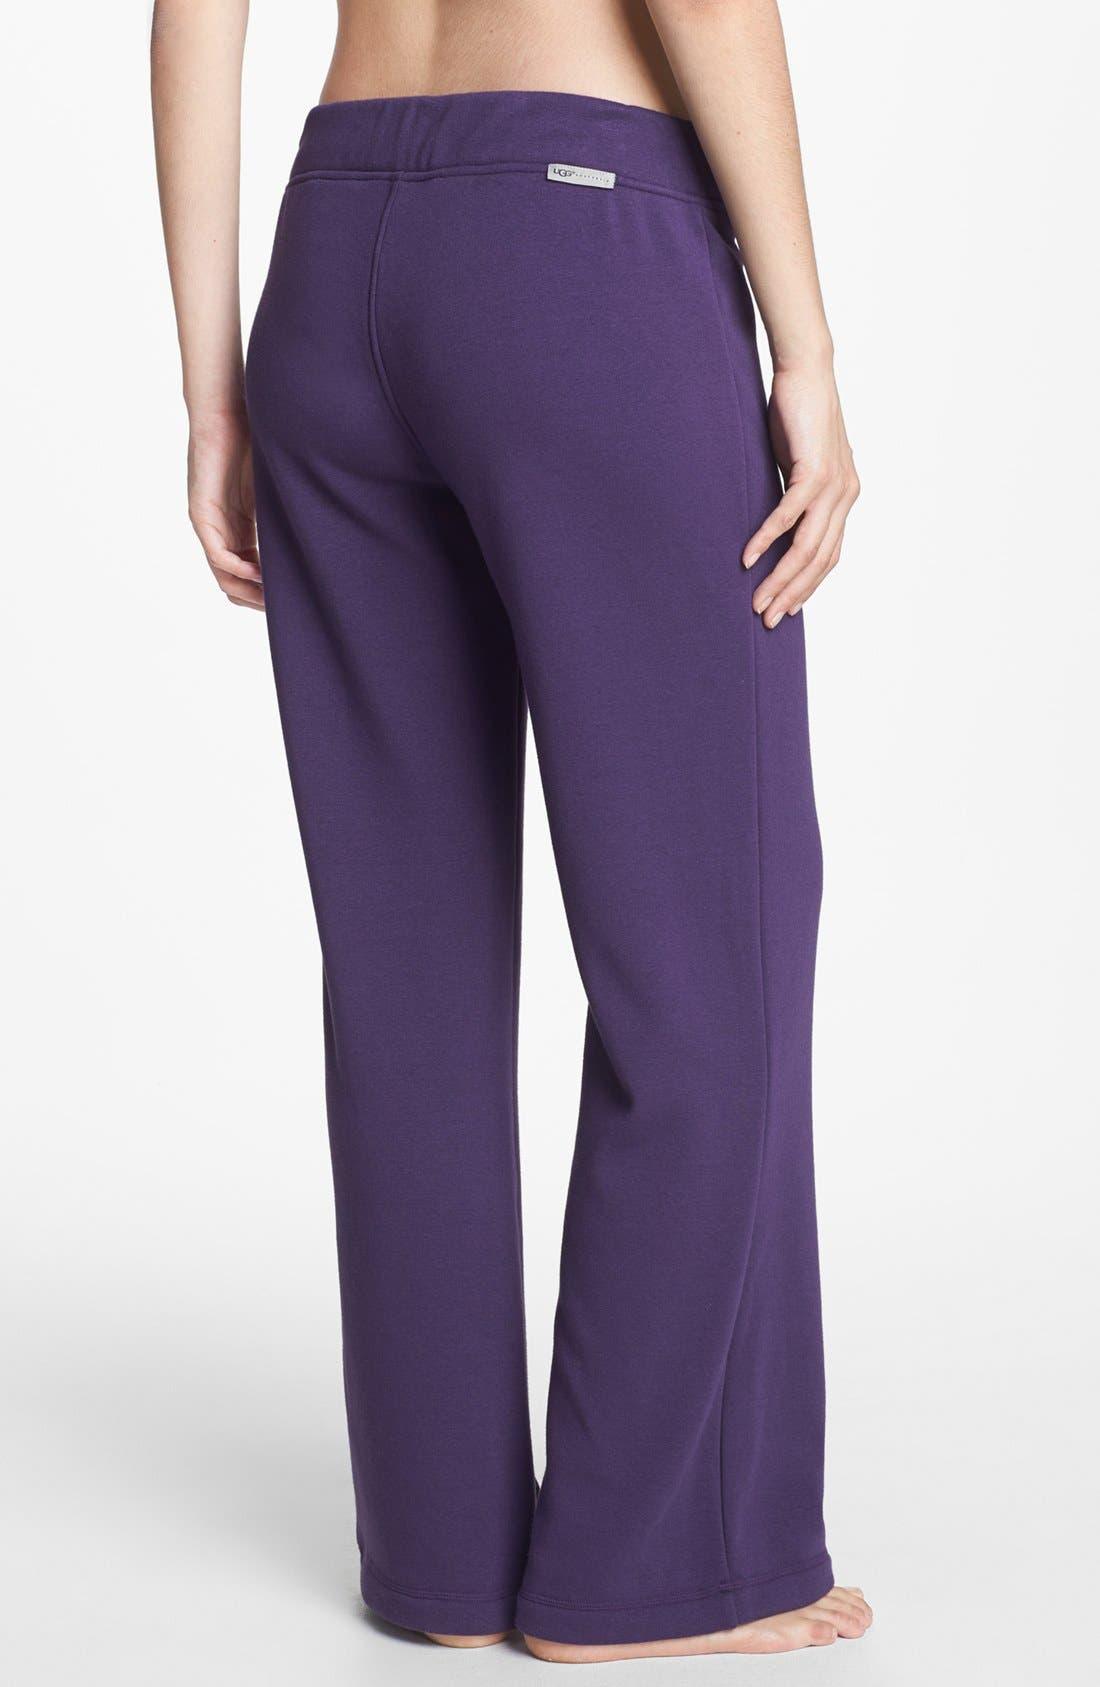 'Collins' Double Knit Pants,                             Alternate thumbnail 2, color,                             Purple Violet